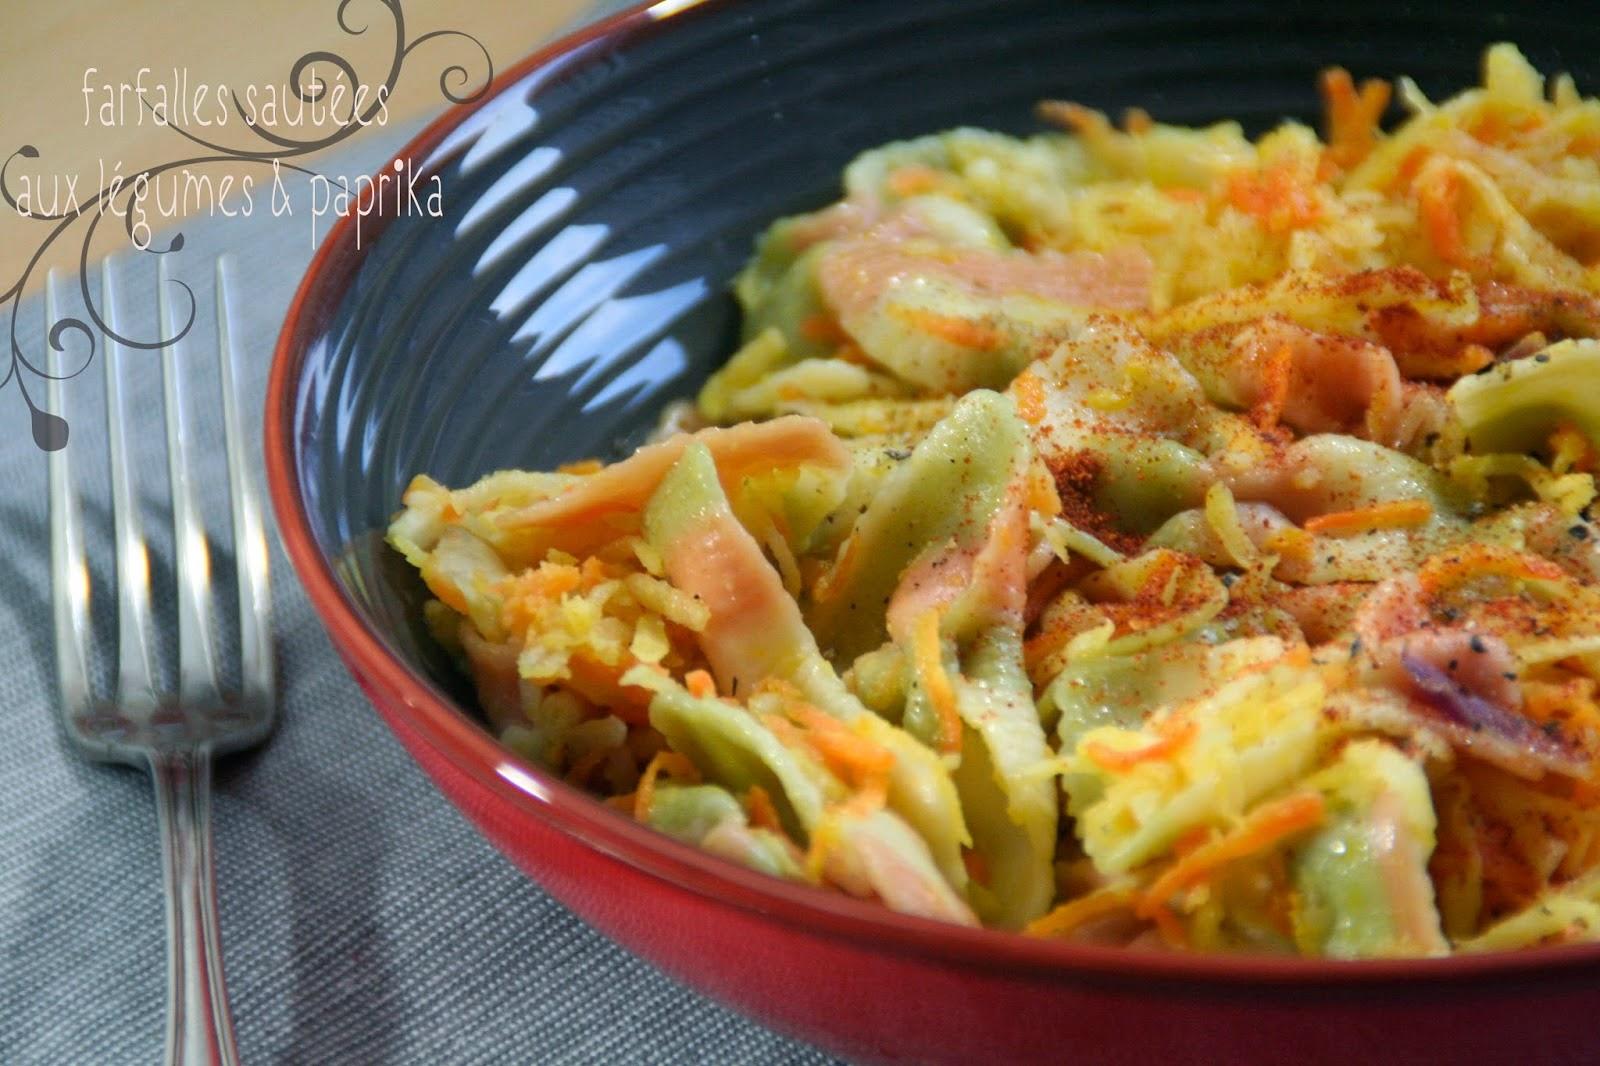 http://etcharlottedecouvritlacuisine.blogspot.fr/2014/04/farfalles-sautees-aux-legumes-et-paprika.html